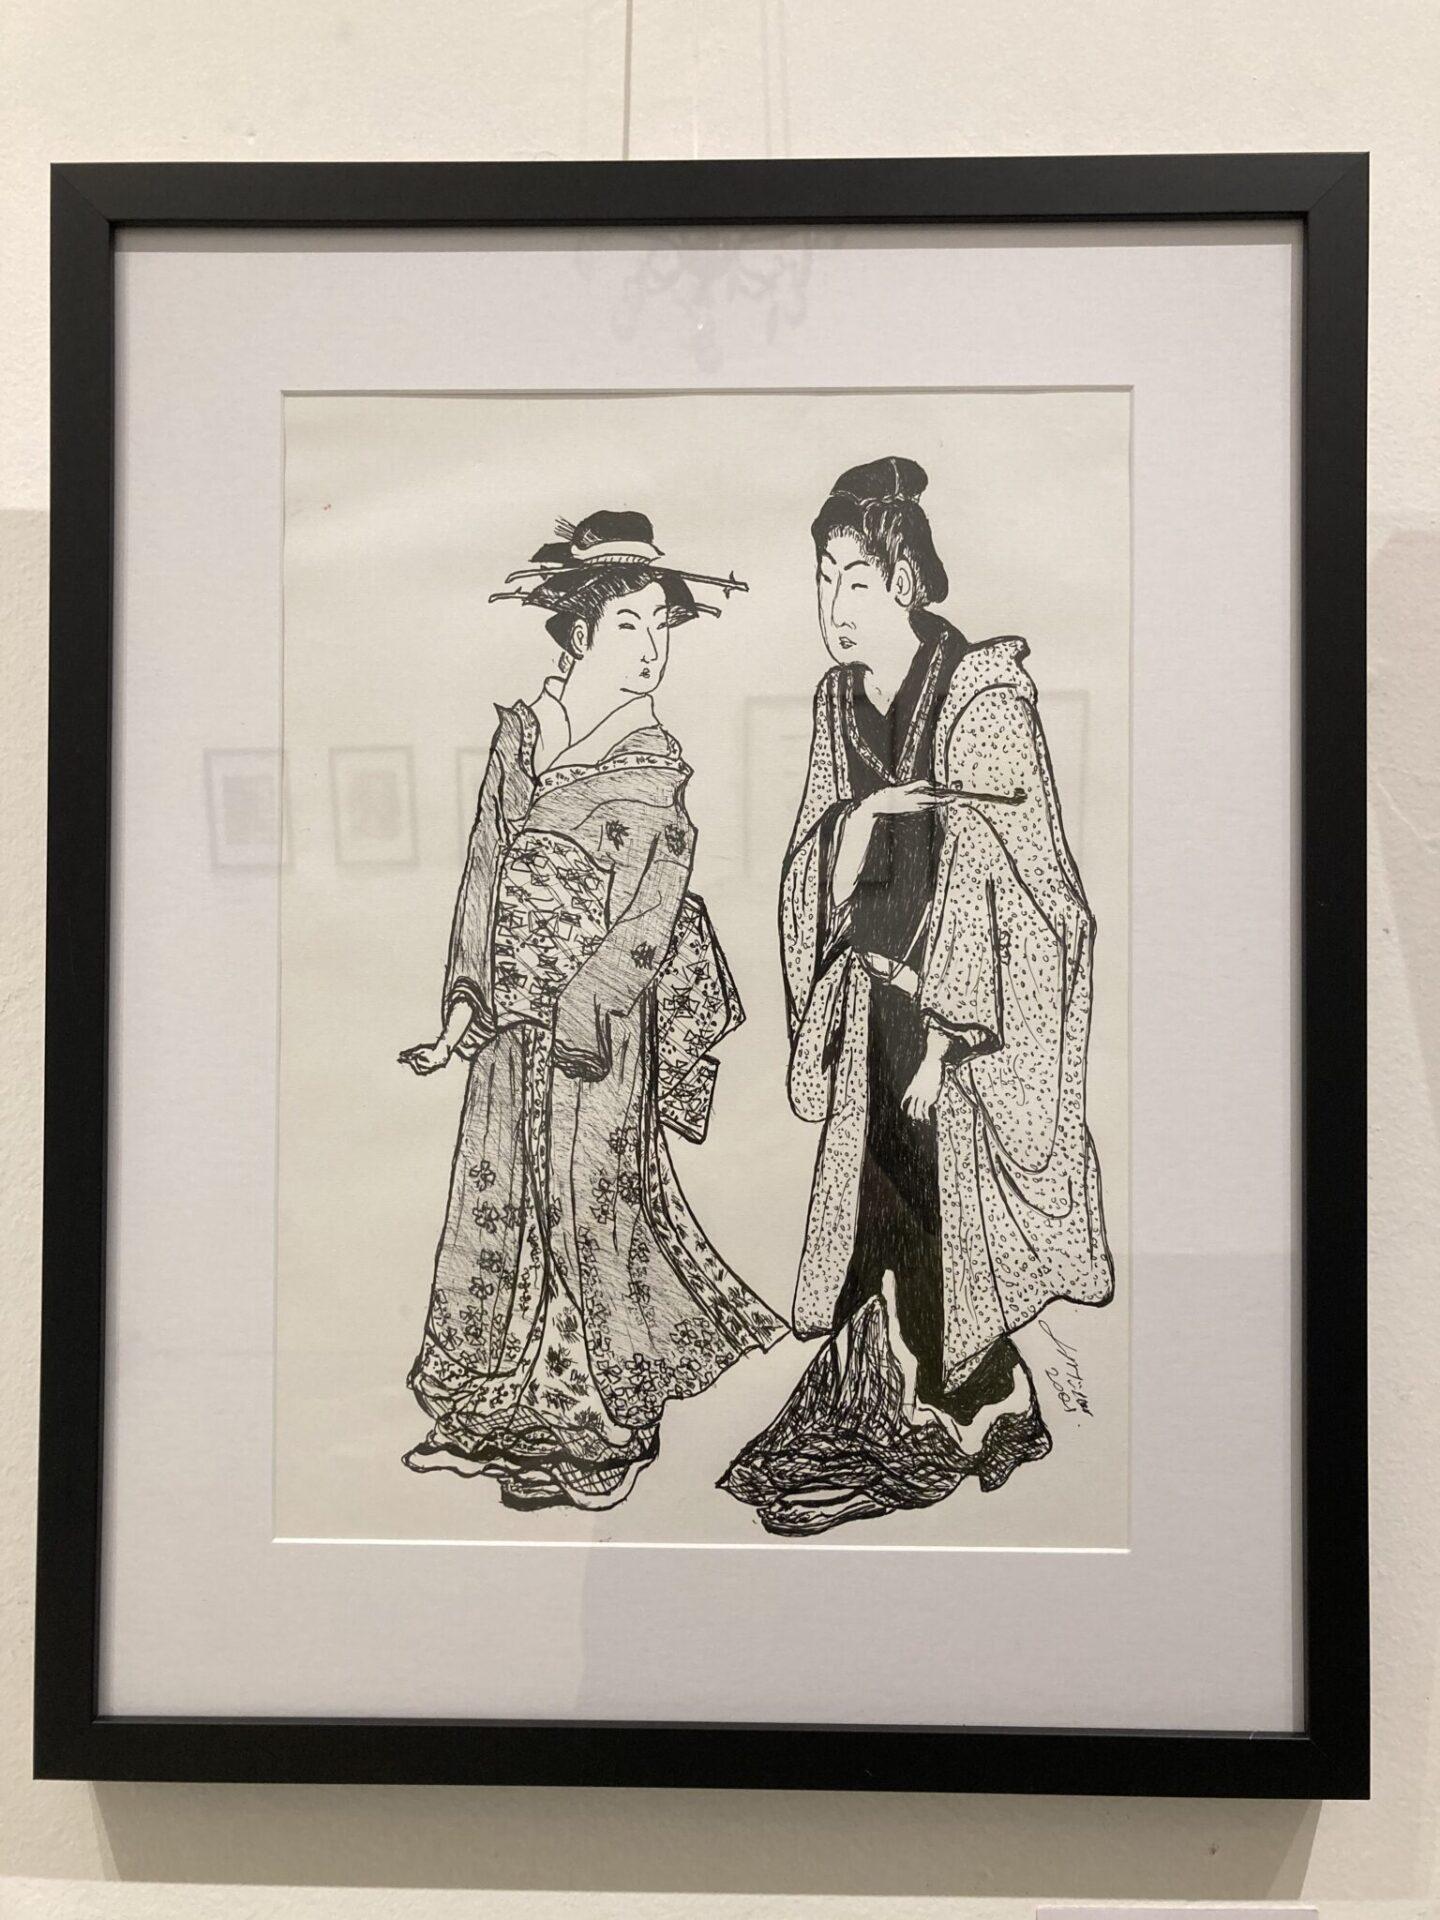 Okaasan, Musume-san By Lesley Muller (Line Exhibition)